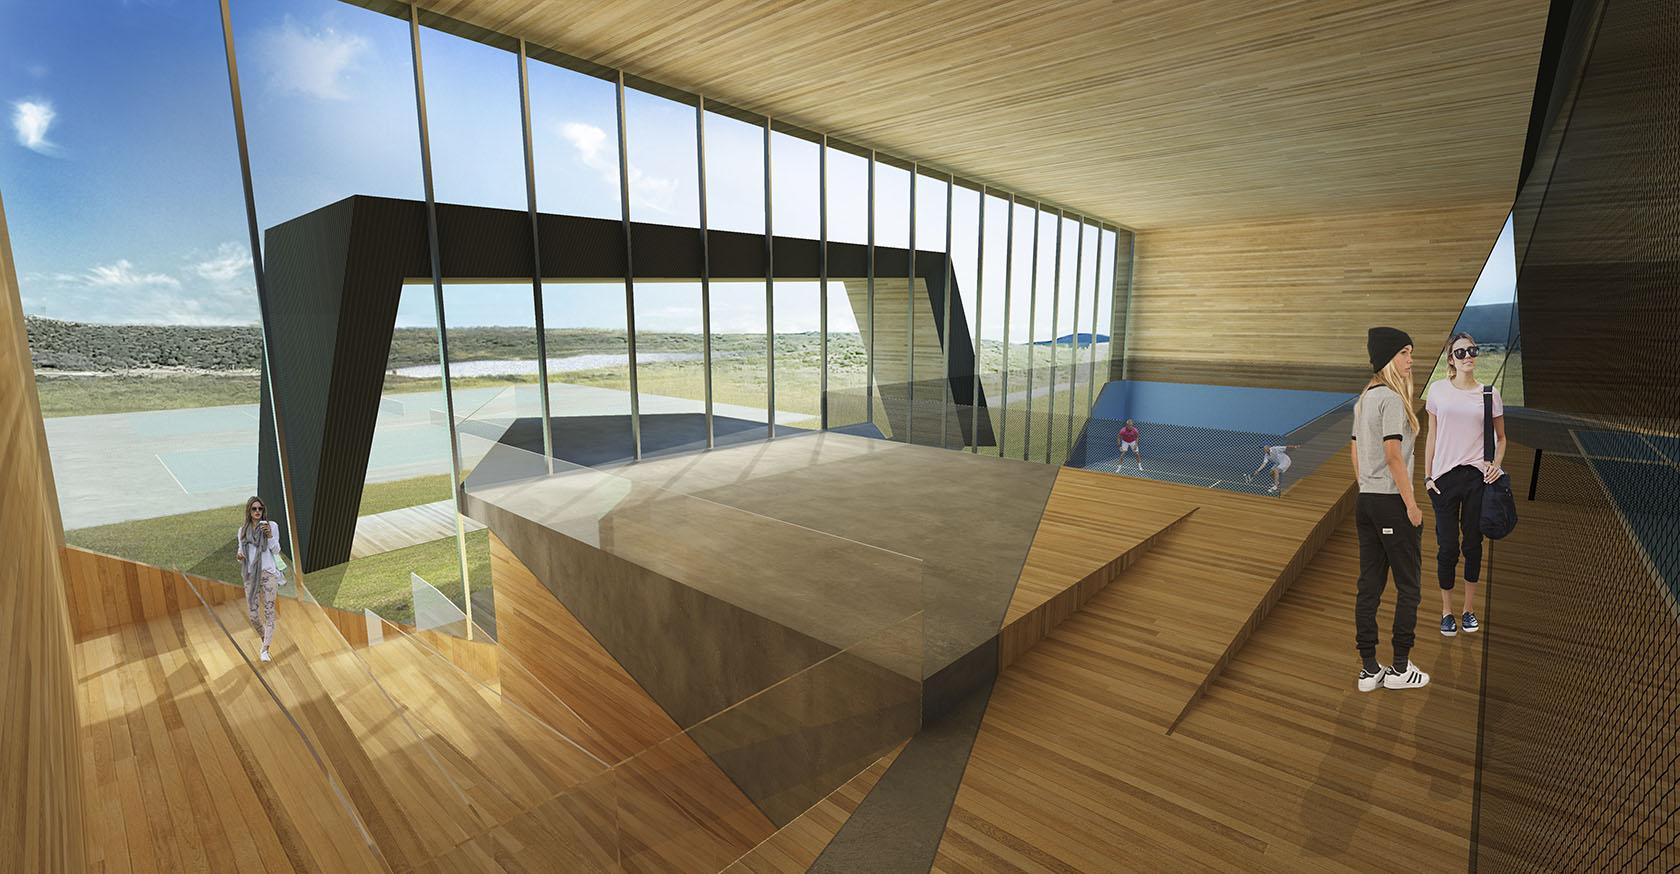 Interiores modernos, revestimiento en madera de espacios contemporáneos